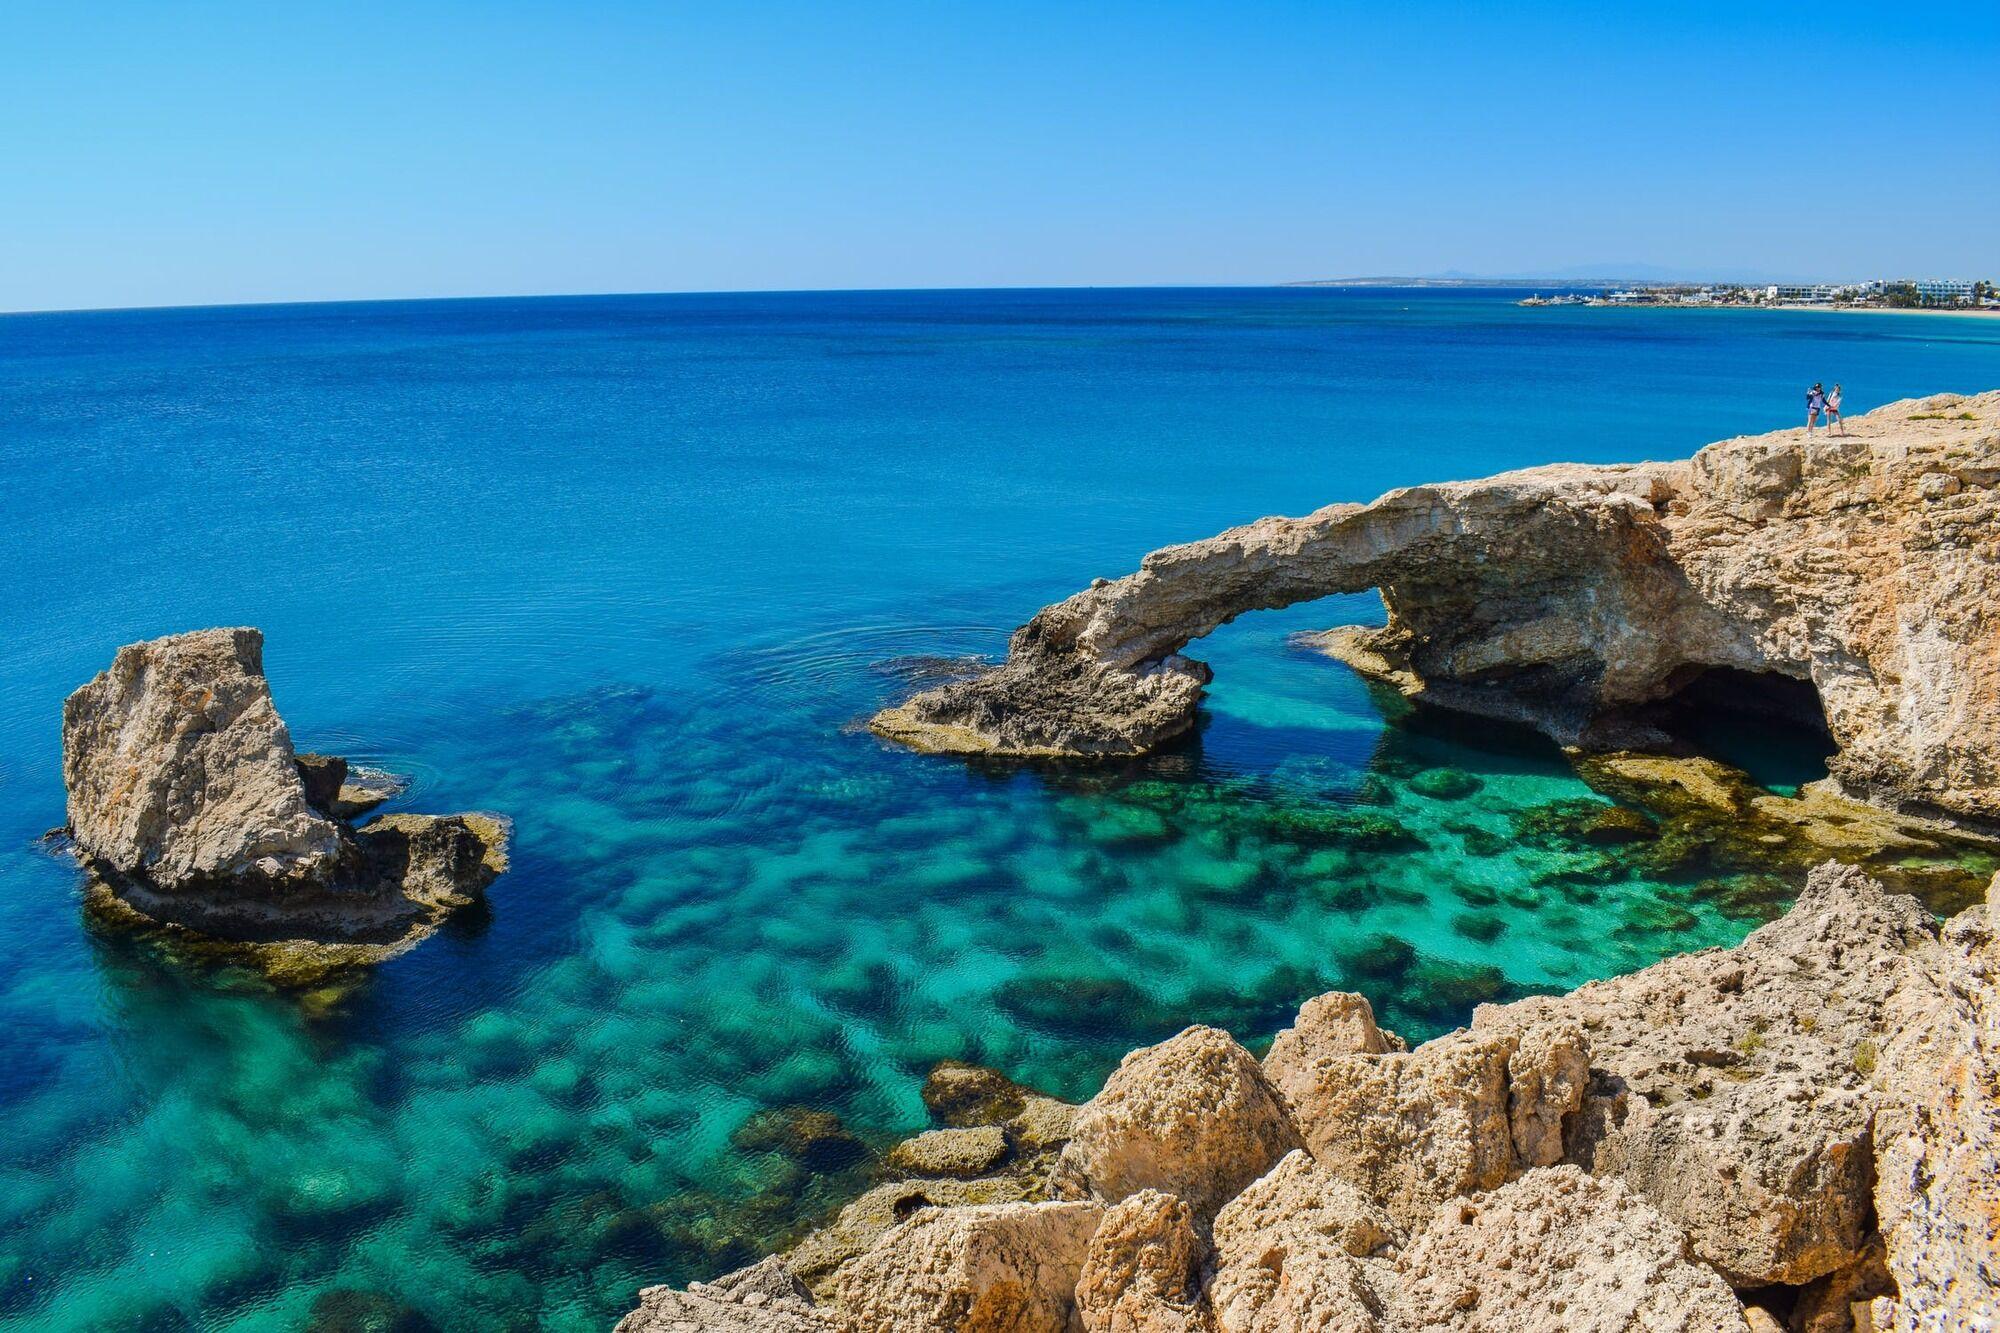 Кіпр приваблює туристів блакиткими лагунами і екзотичною природою